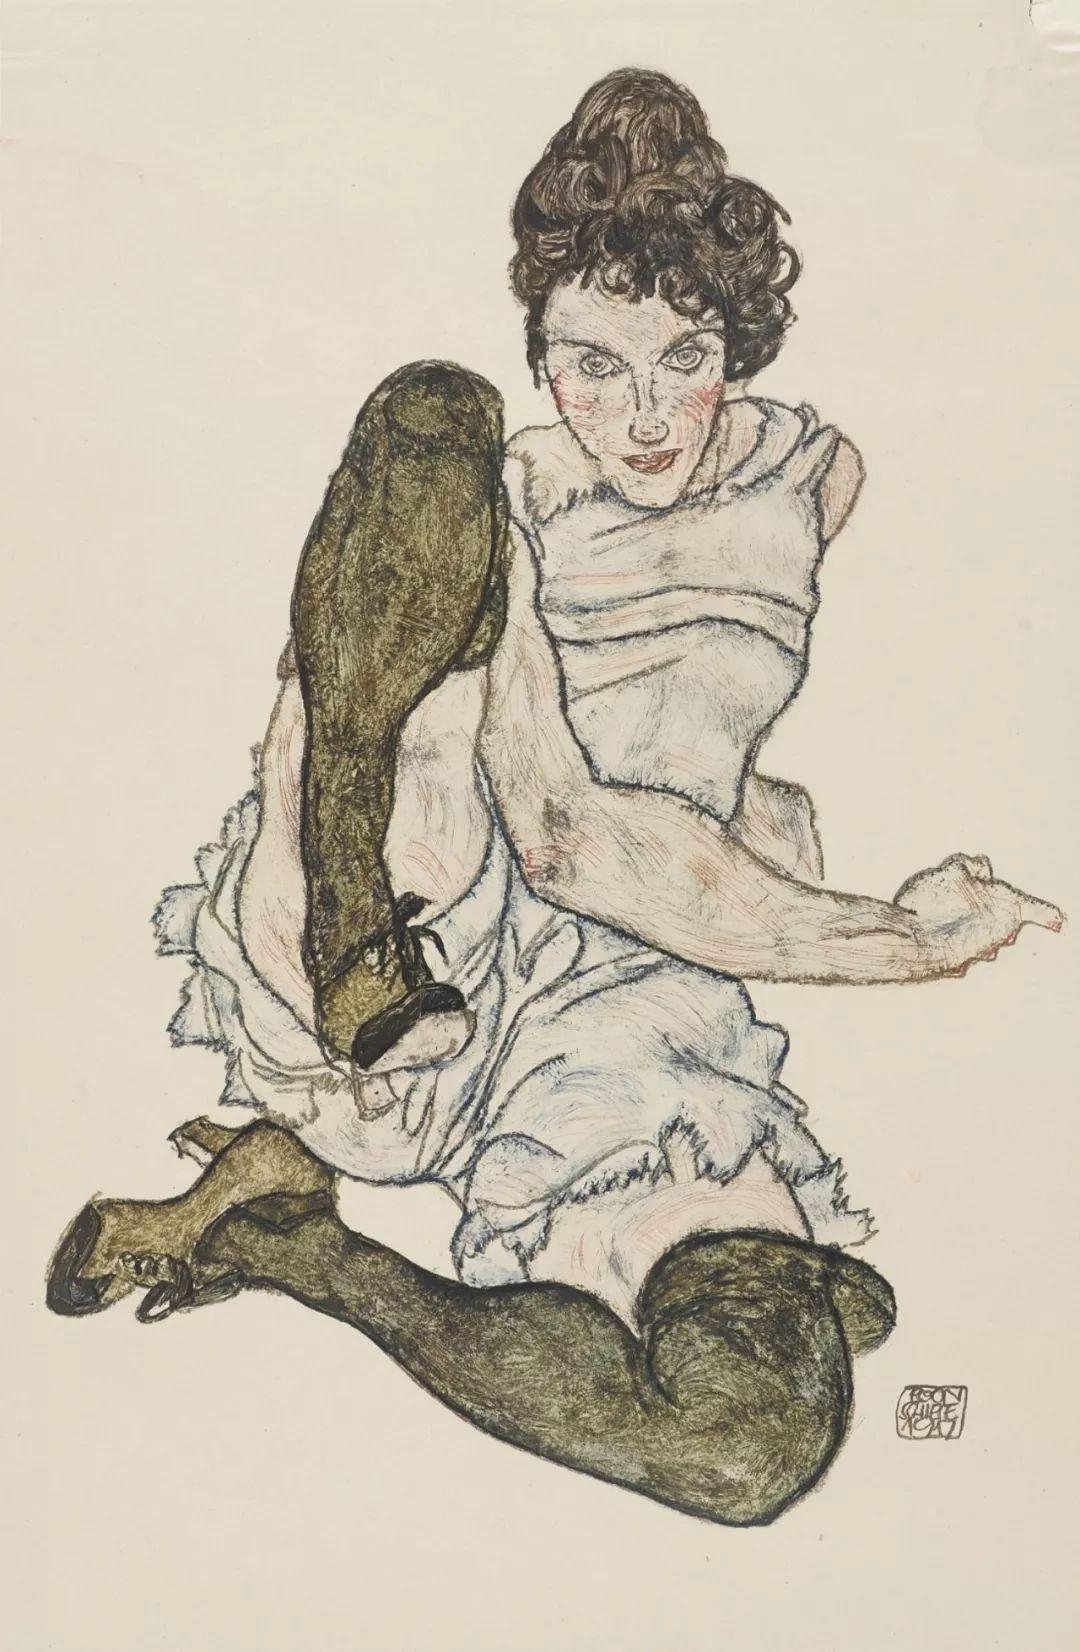 年仅28岁,生前遭受非议,死后却被捧为直逼心灵的艺术家插图69